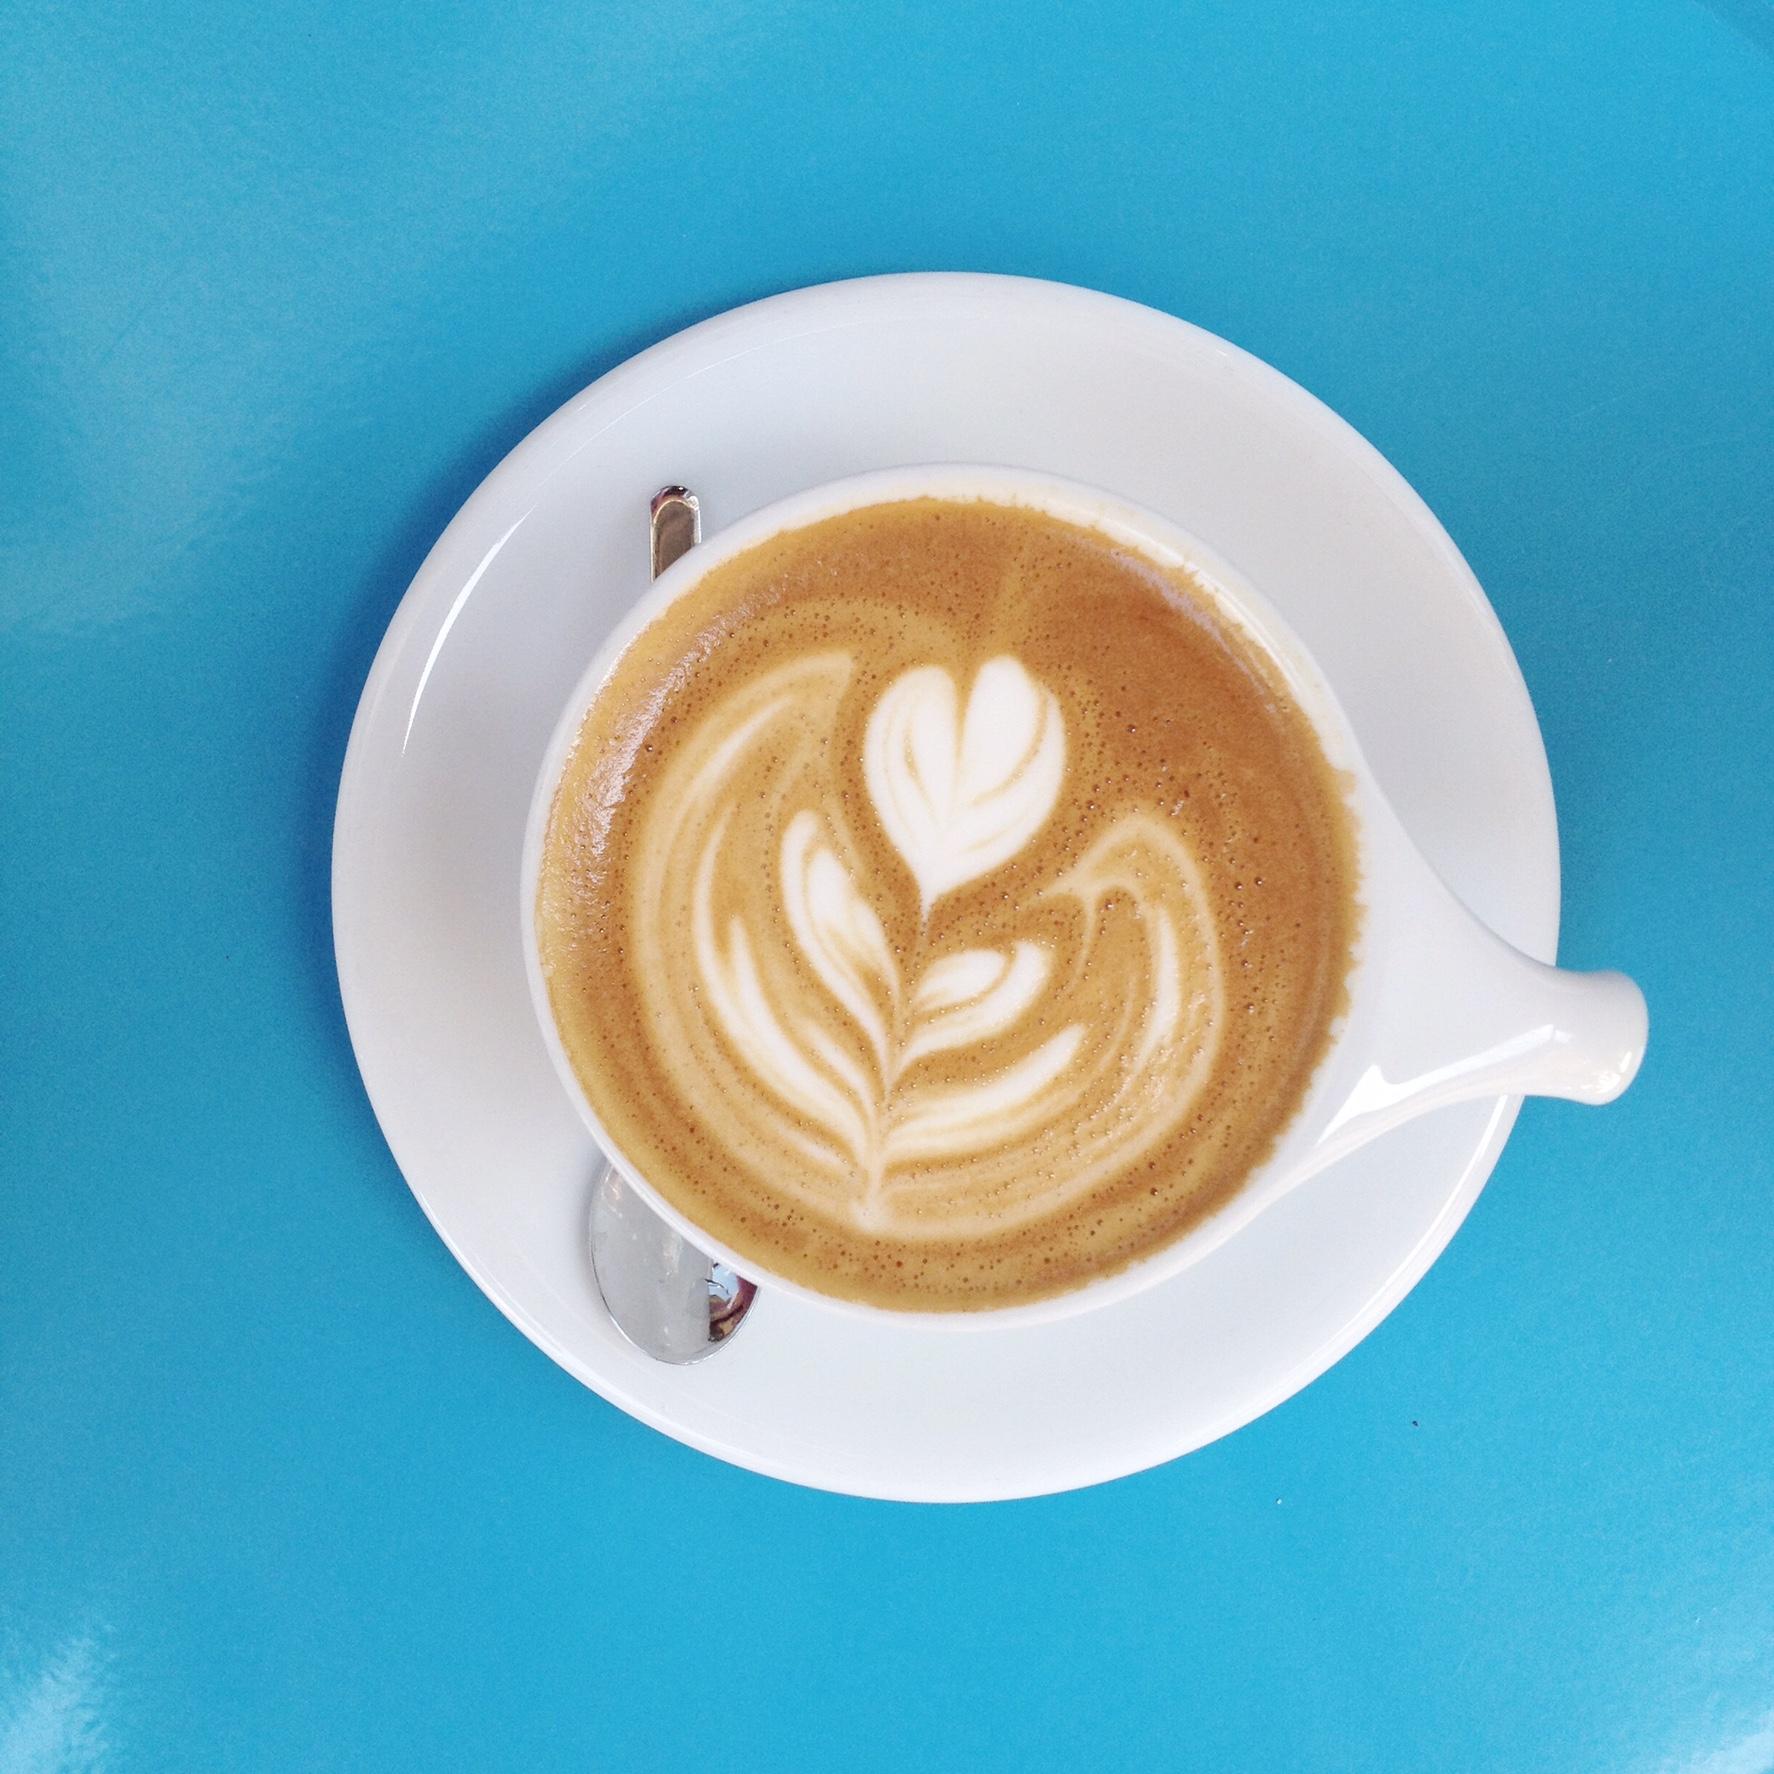 LINO cup at Handlebar Coffee, Santa Barbara